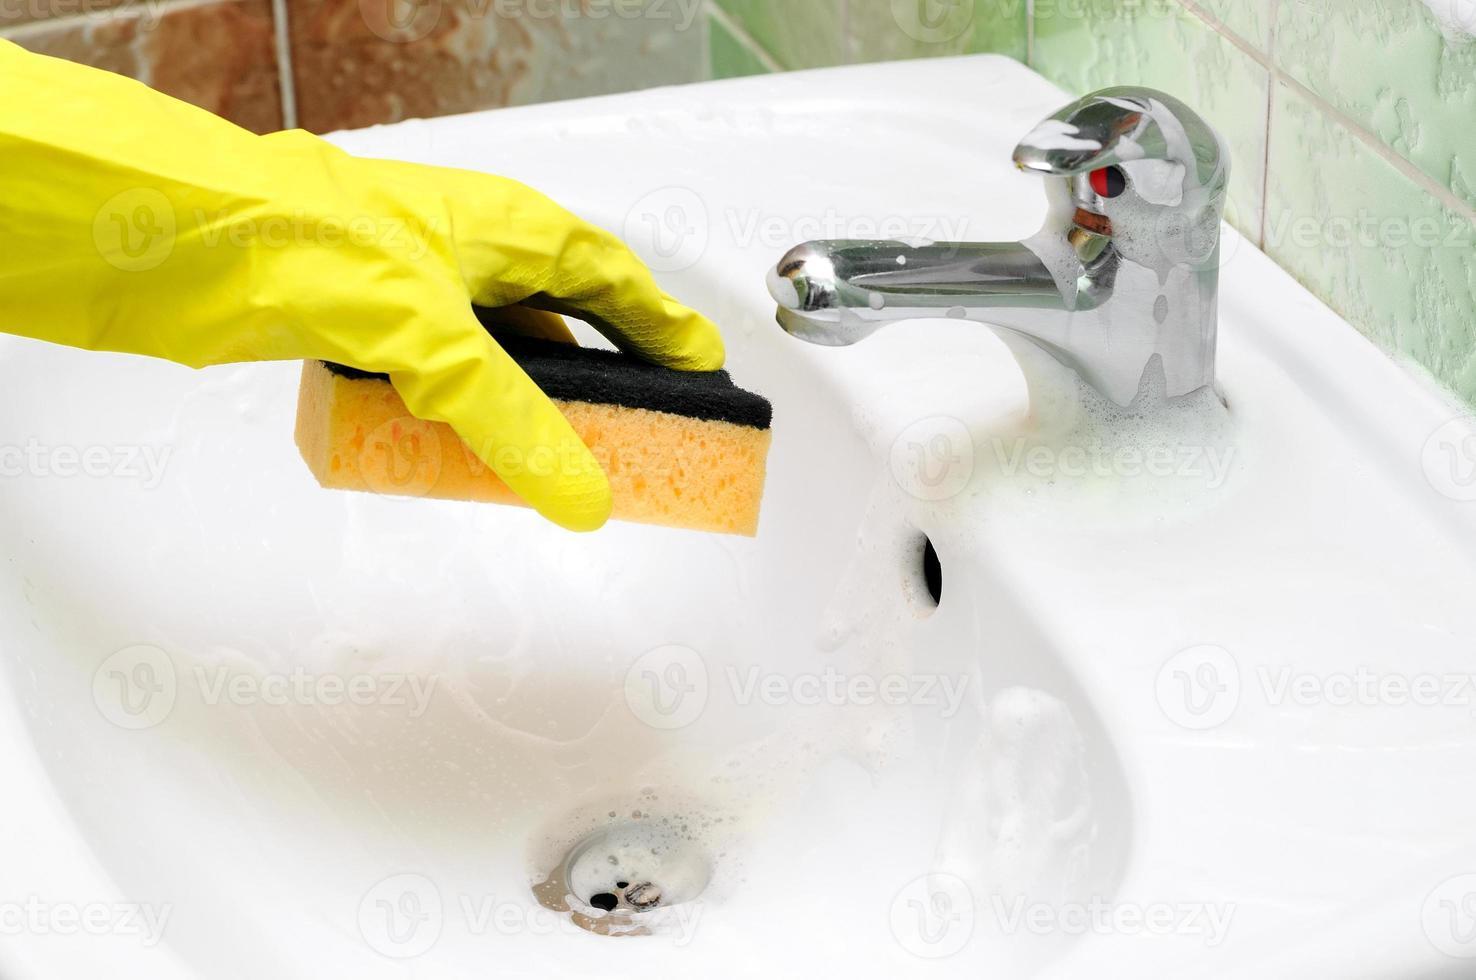 badkamer wastafel kraan schoonmaken foto